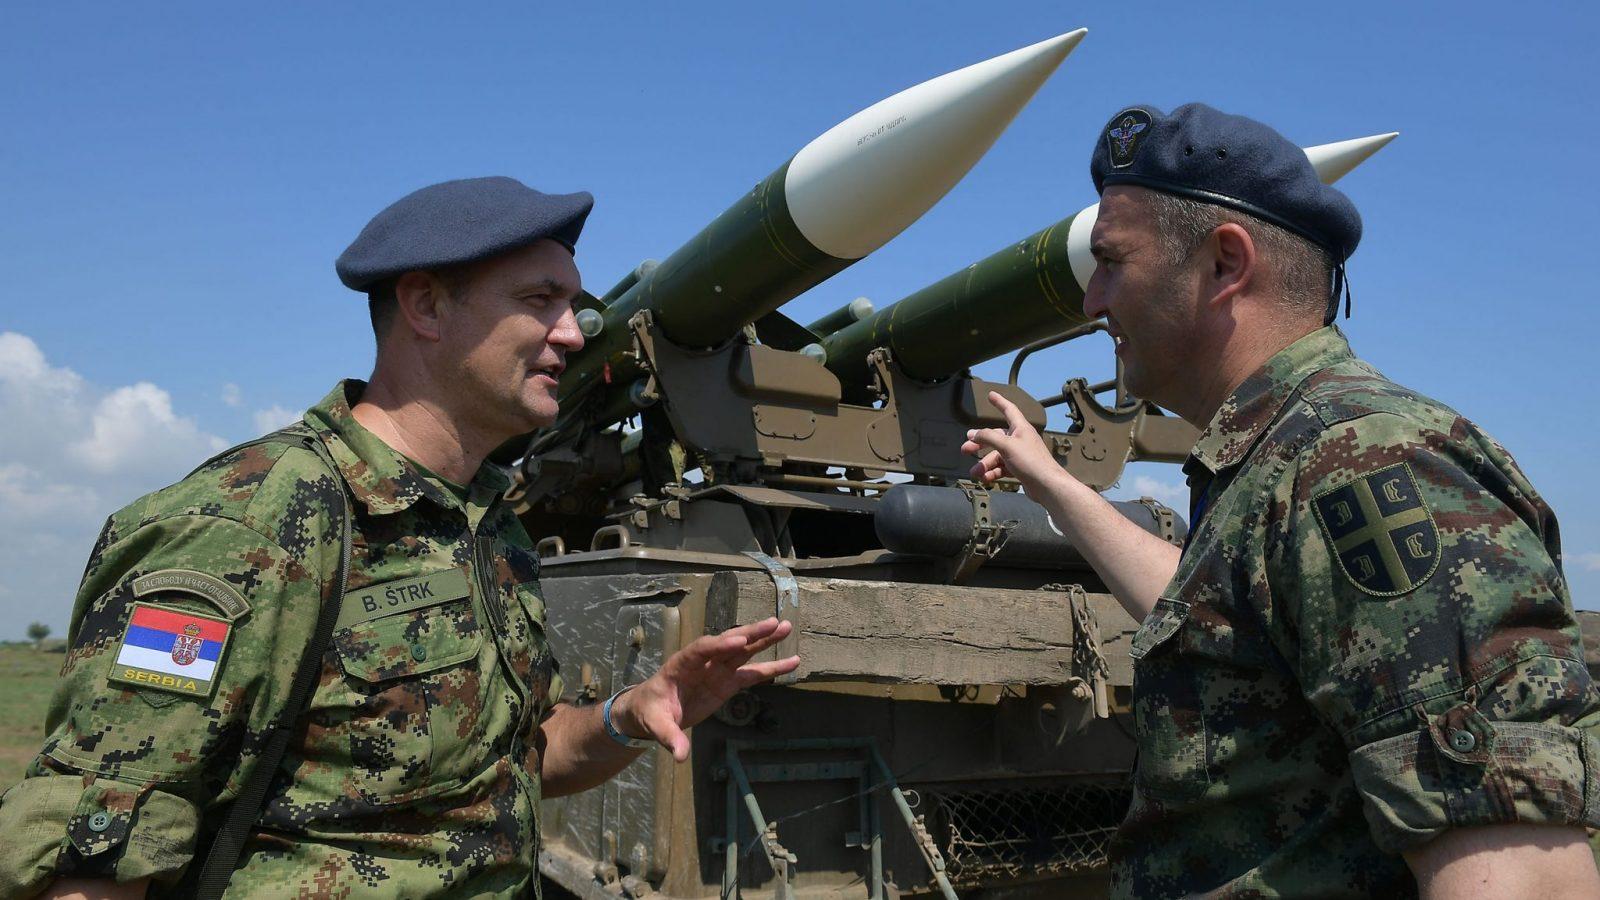 [ANALIZA] Svi razlozi zbog kojih je nemoguća tvrdnja da je srpska PVO oborila bugarski MiG